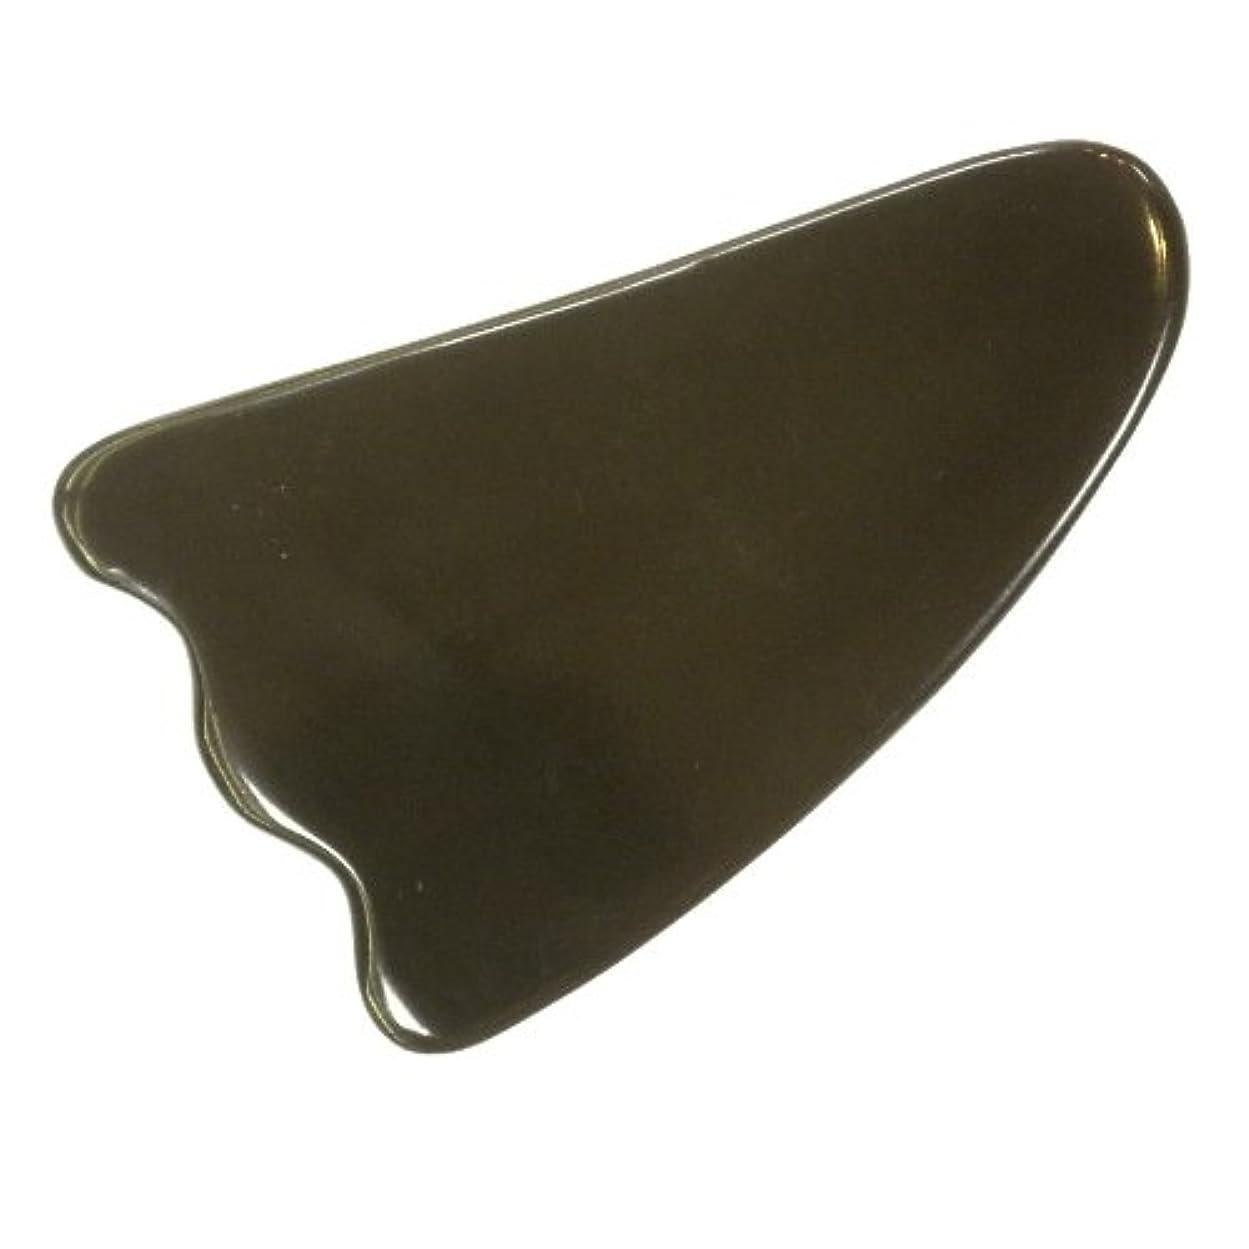 入浴必需品話かっさ プレート 厚さが選べる 水牛の角(黒水牛角) EHE213SP 羽根型 特級品 厚め(7ミリ程度)